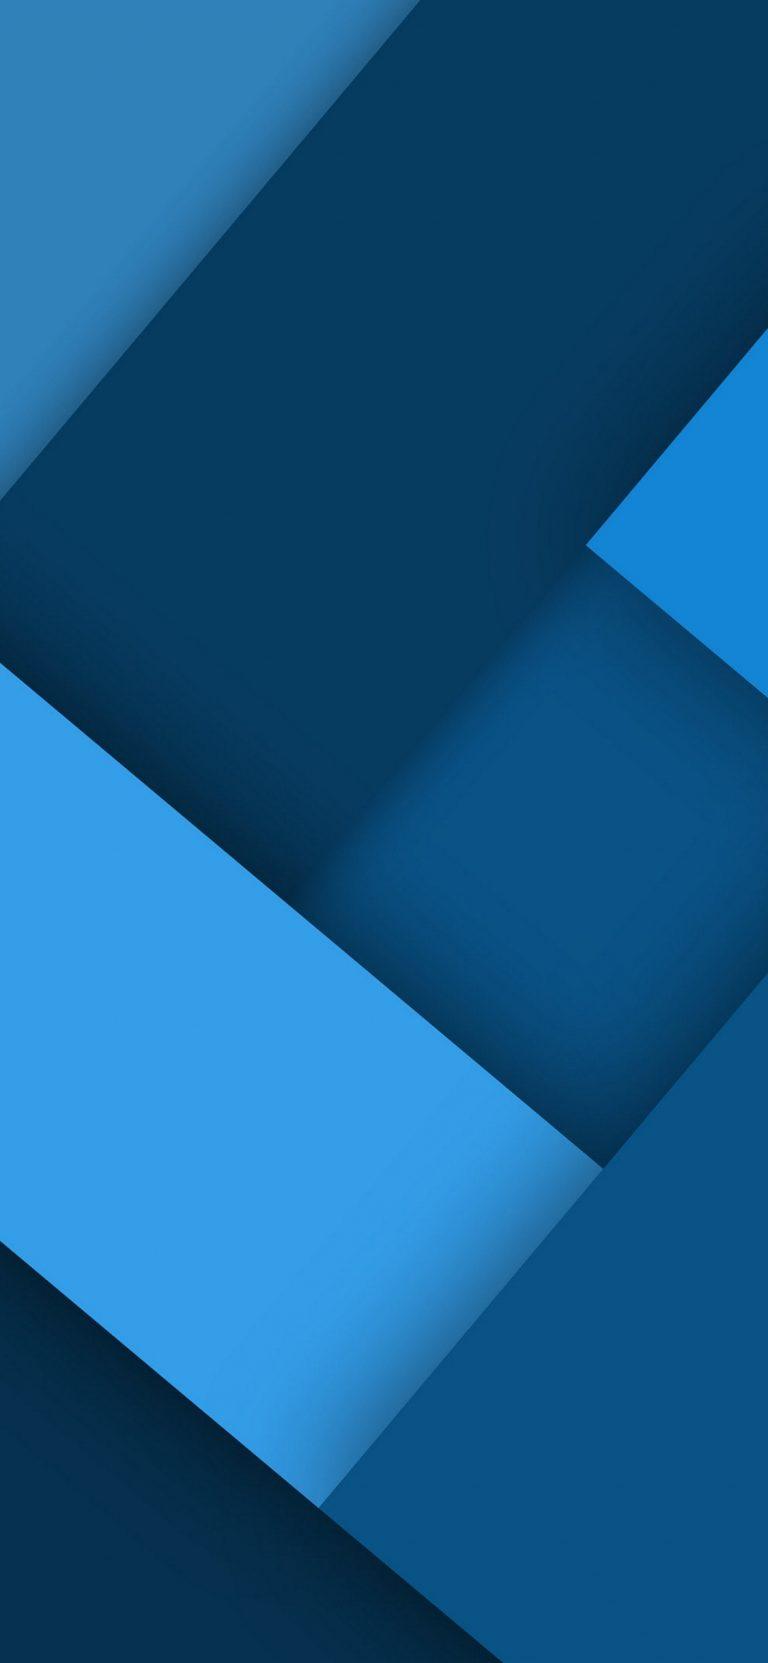 Patterns HD Wallpaper 1125x2436 768x1663